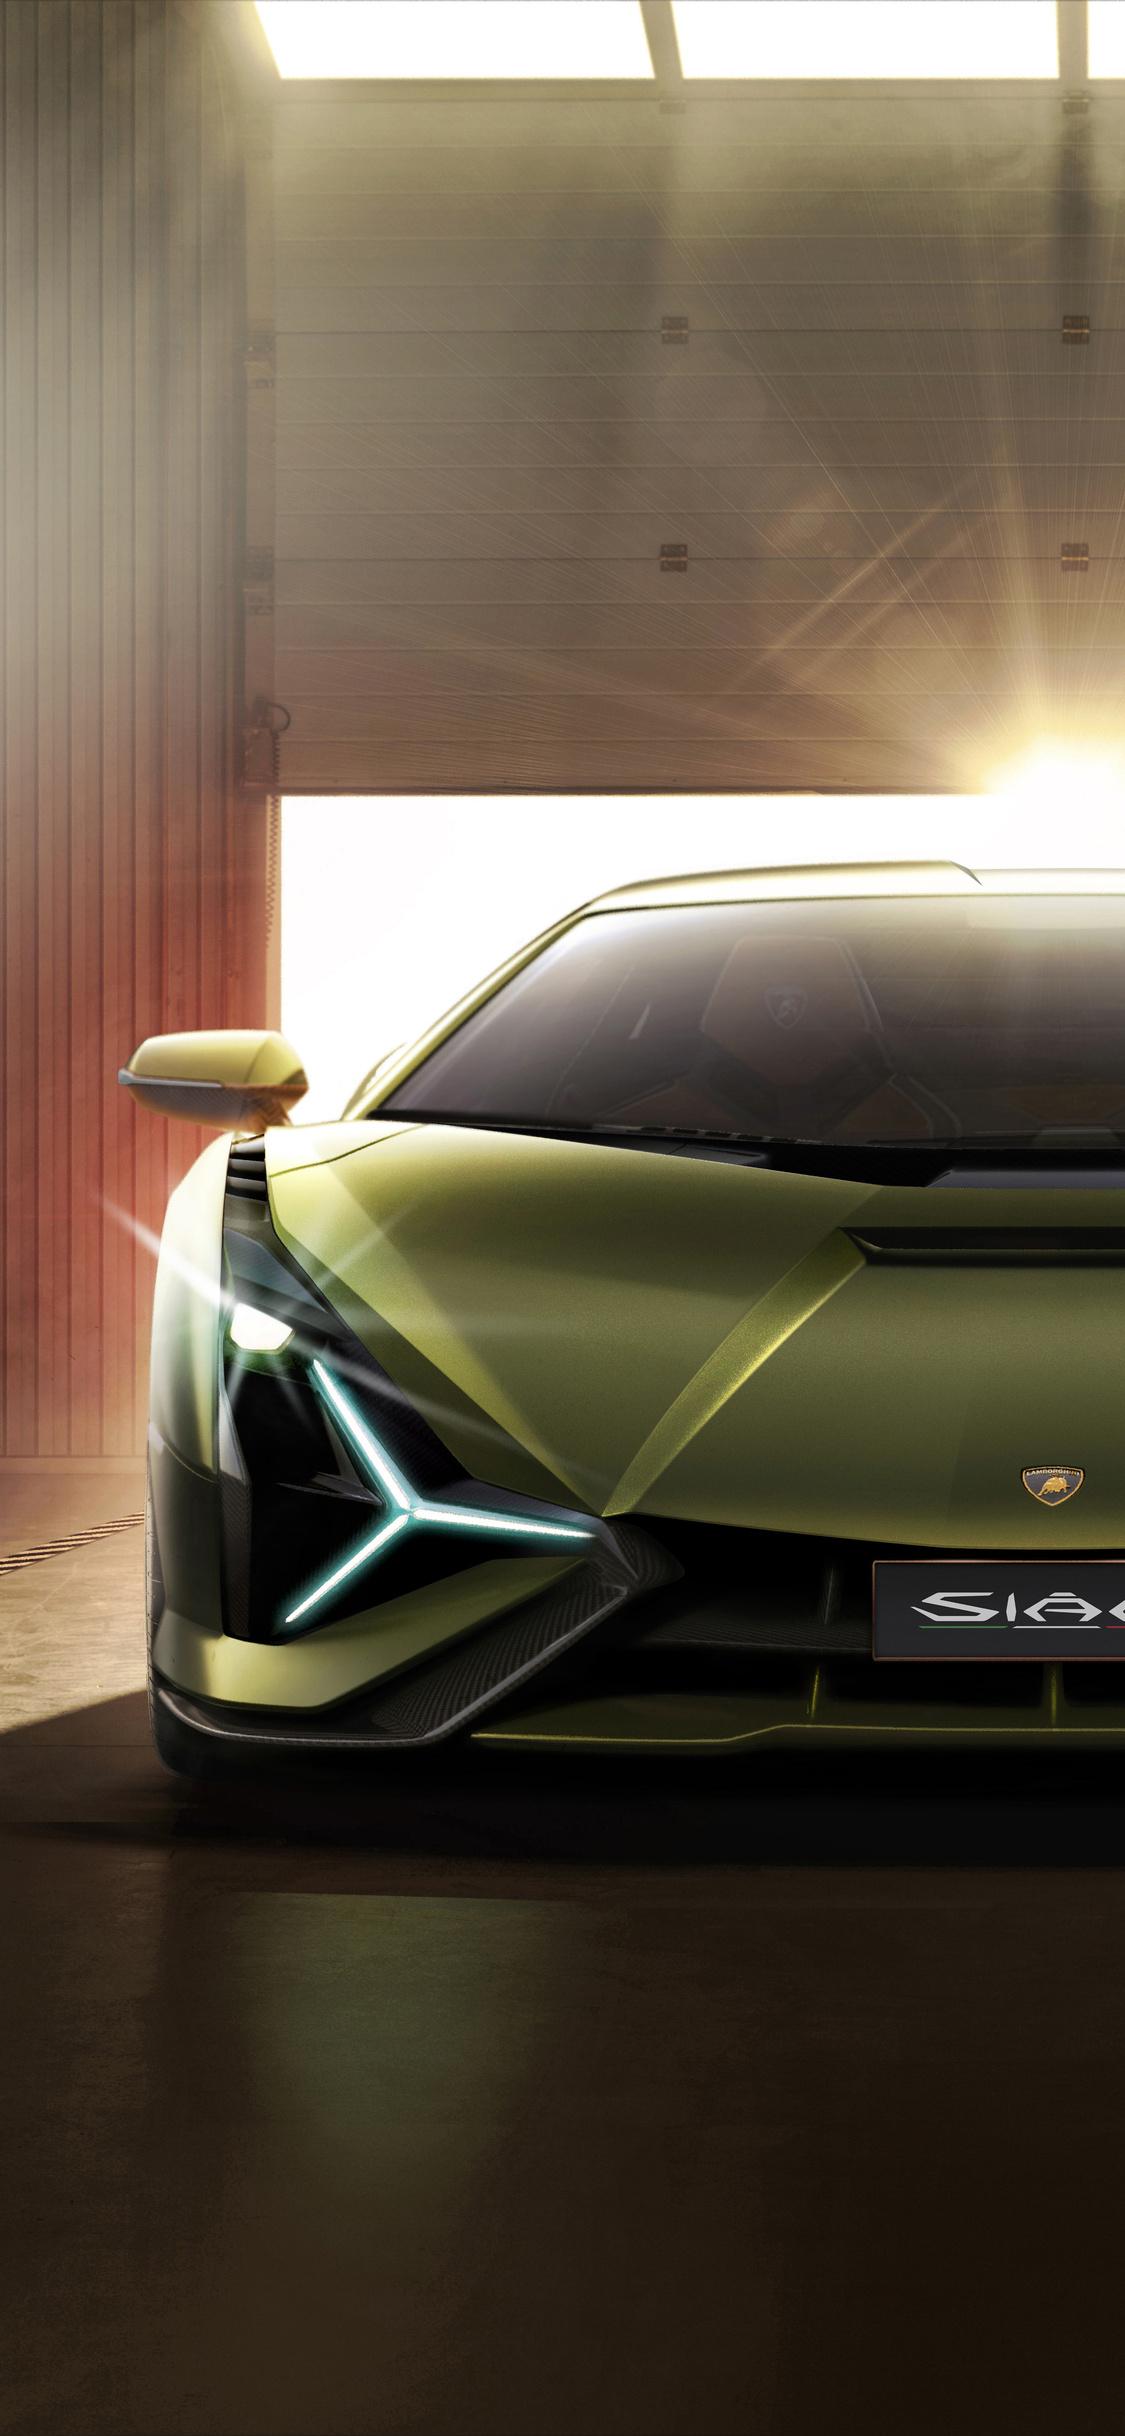 1125x2436 Lamborghini Sian 2019 8k Iphone XS,Iphone 10